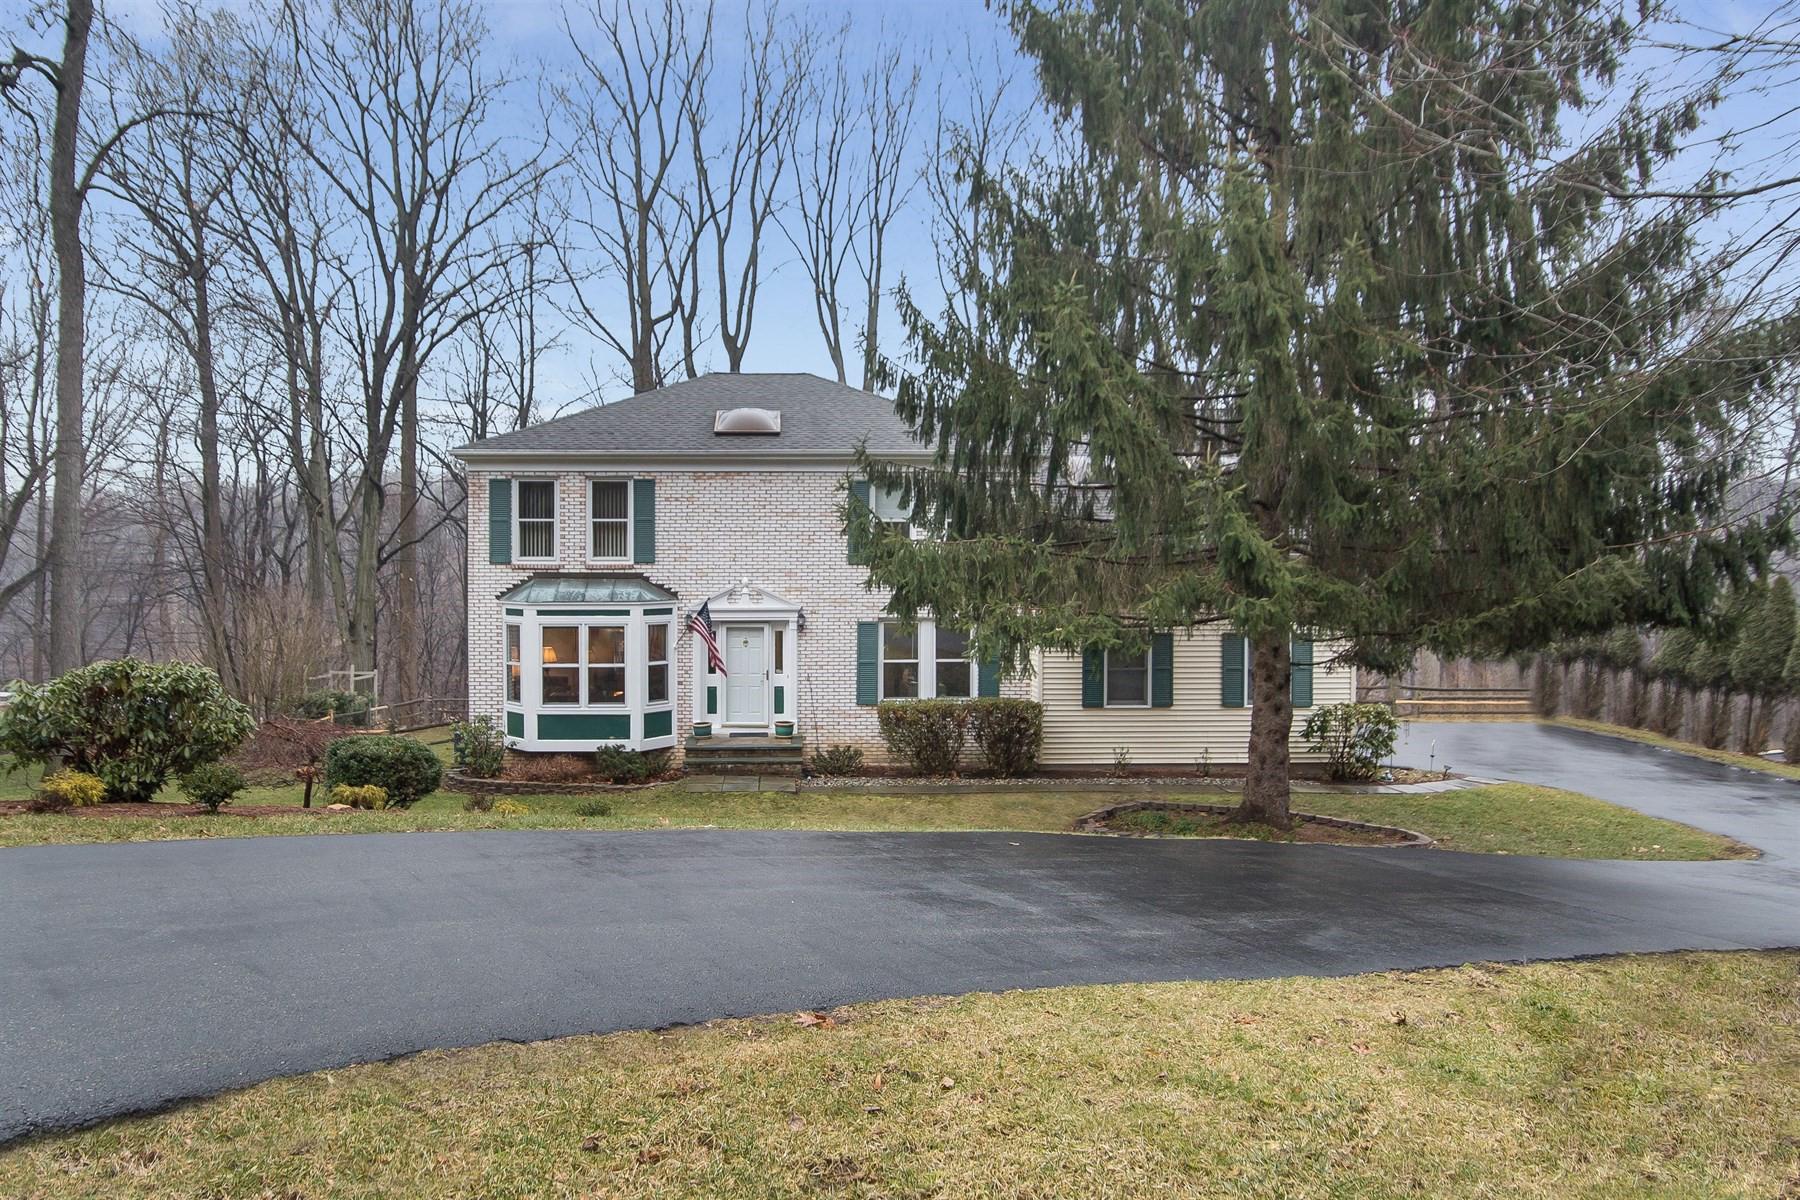 Maison unifamiliale pour l Vente à Traditional Center Hall Colonial 157 Sun Valley Way Morris Plains, New Jersey 07950 États-Unis